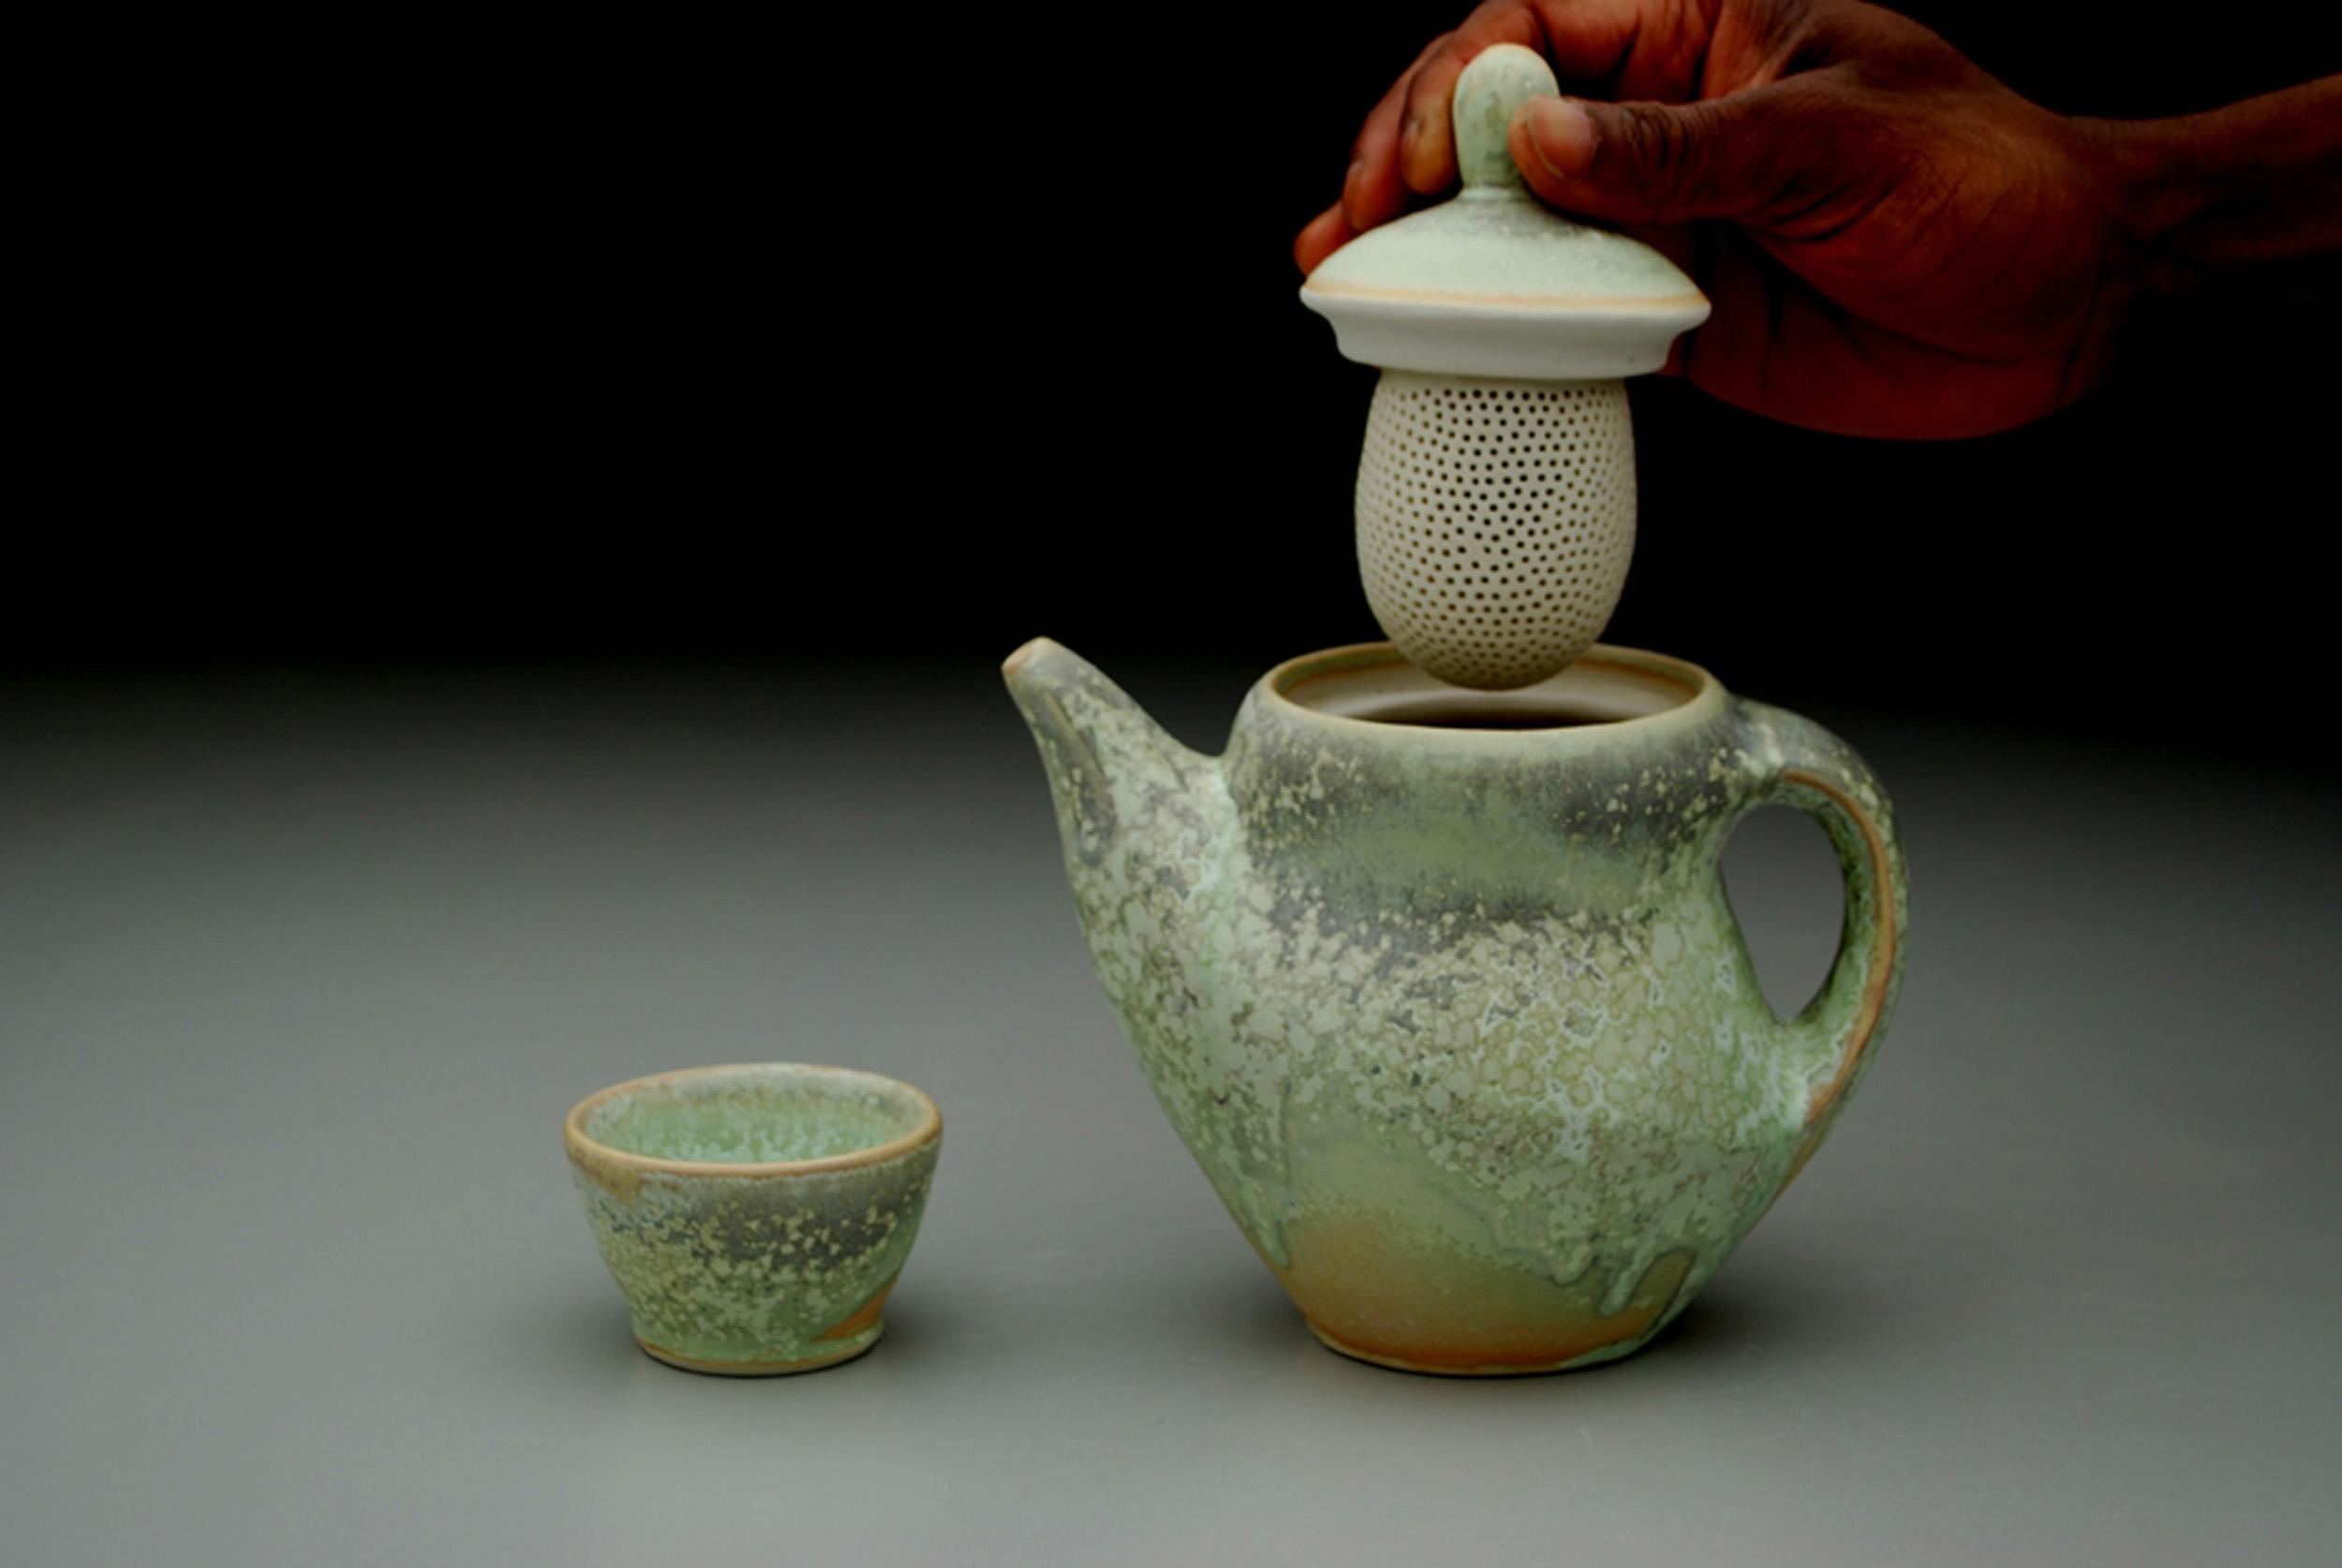 teapot infuser in use.jpg